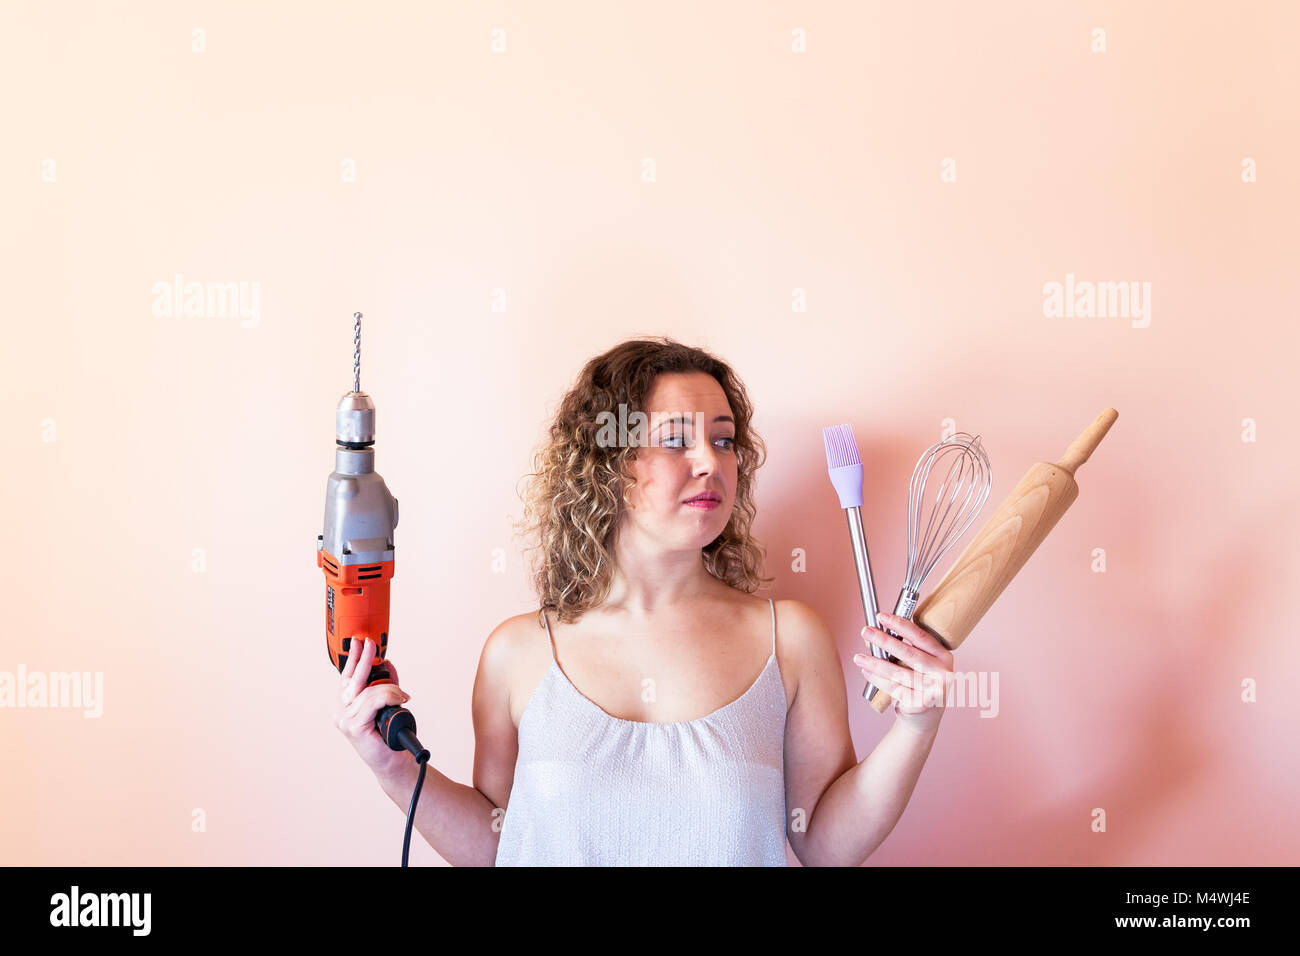 Belle accolade woman holding man foreur et de cuisine. L'égalité de genre, les jour concept. Banque D'Images